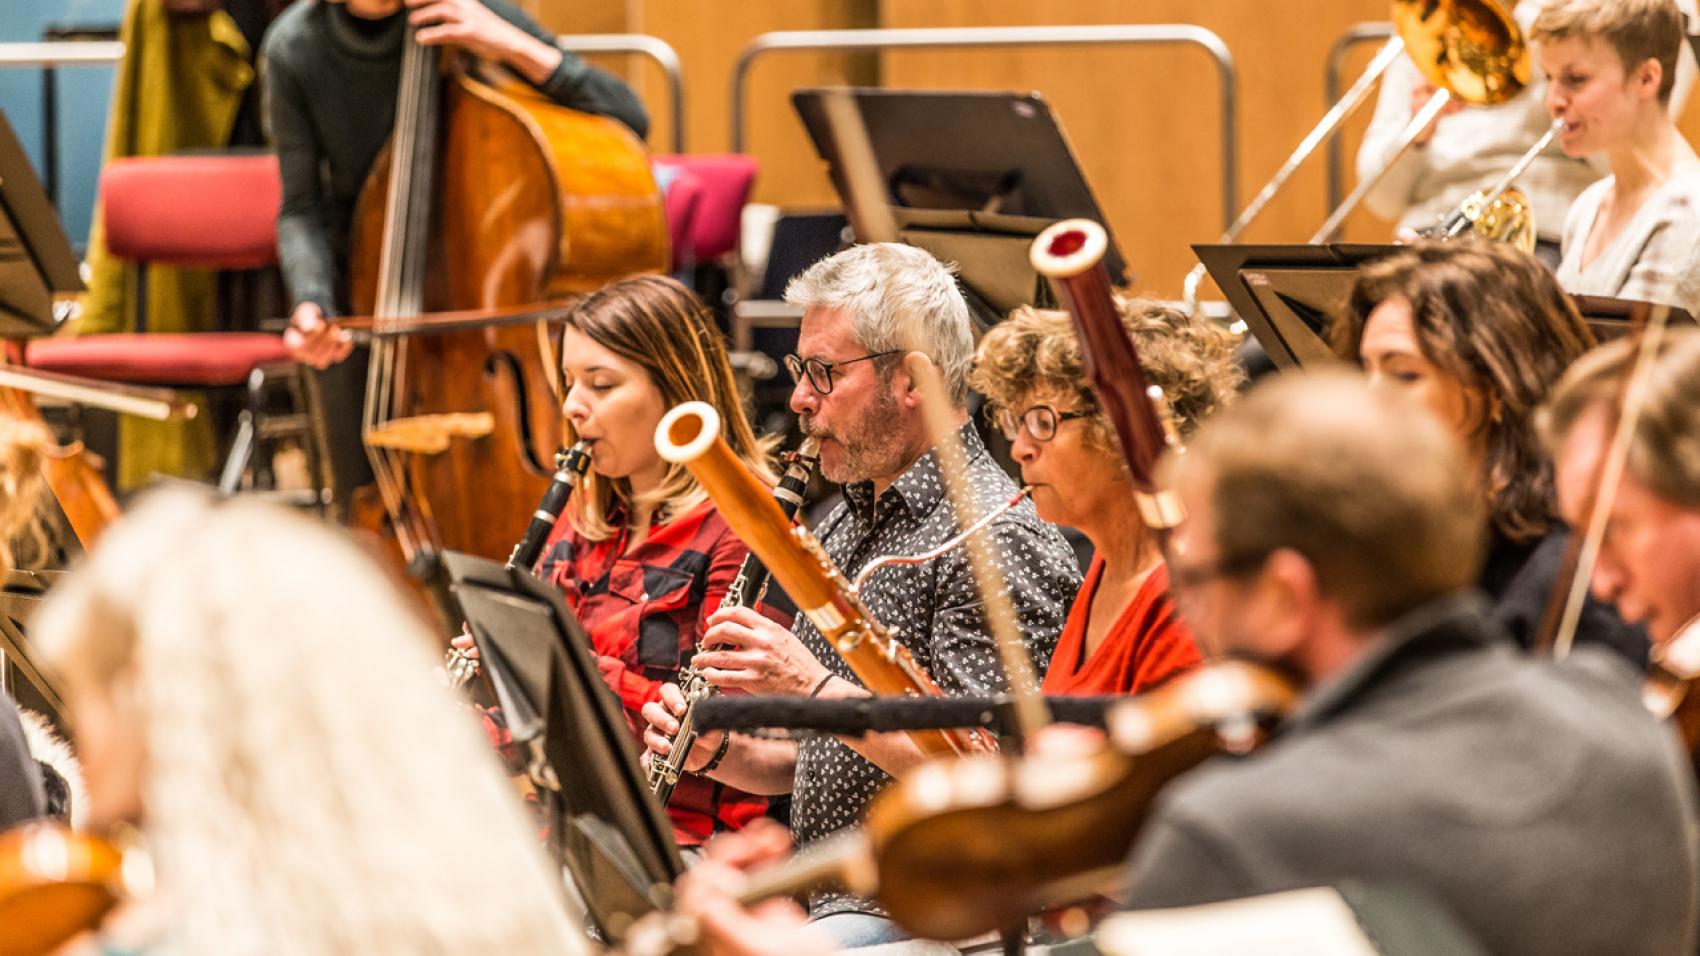 Anderhalvemeterconcert: Mozarts Gran Partita